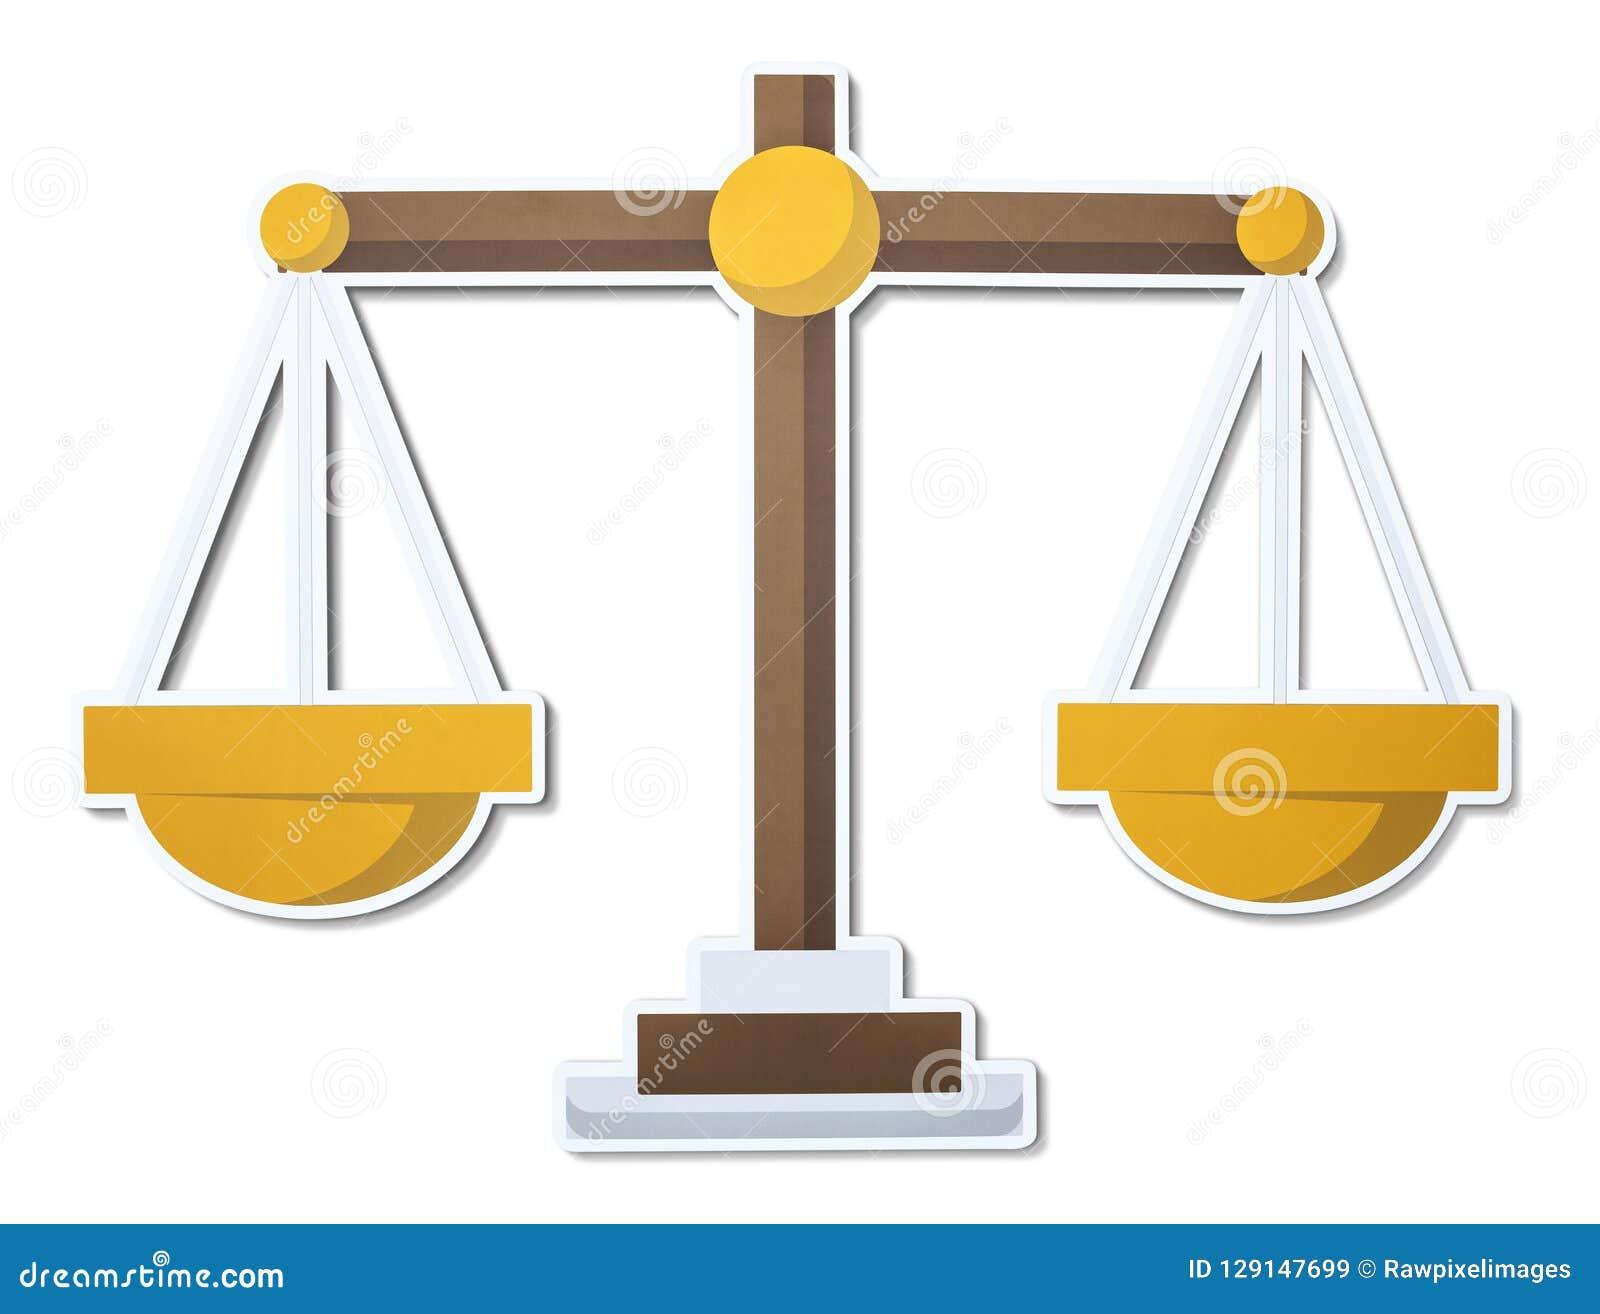 Escala del icono del ejemplo de la justicia